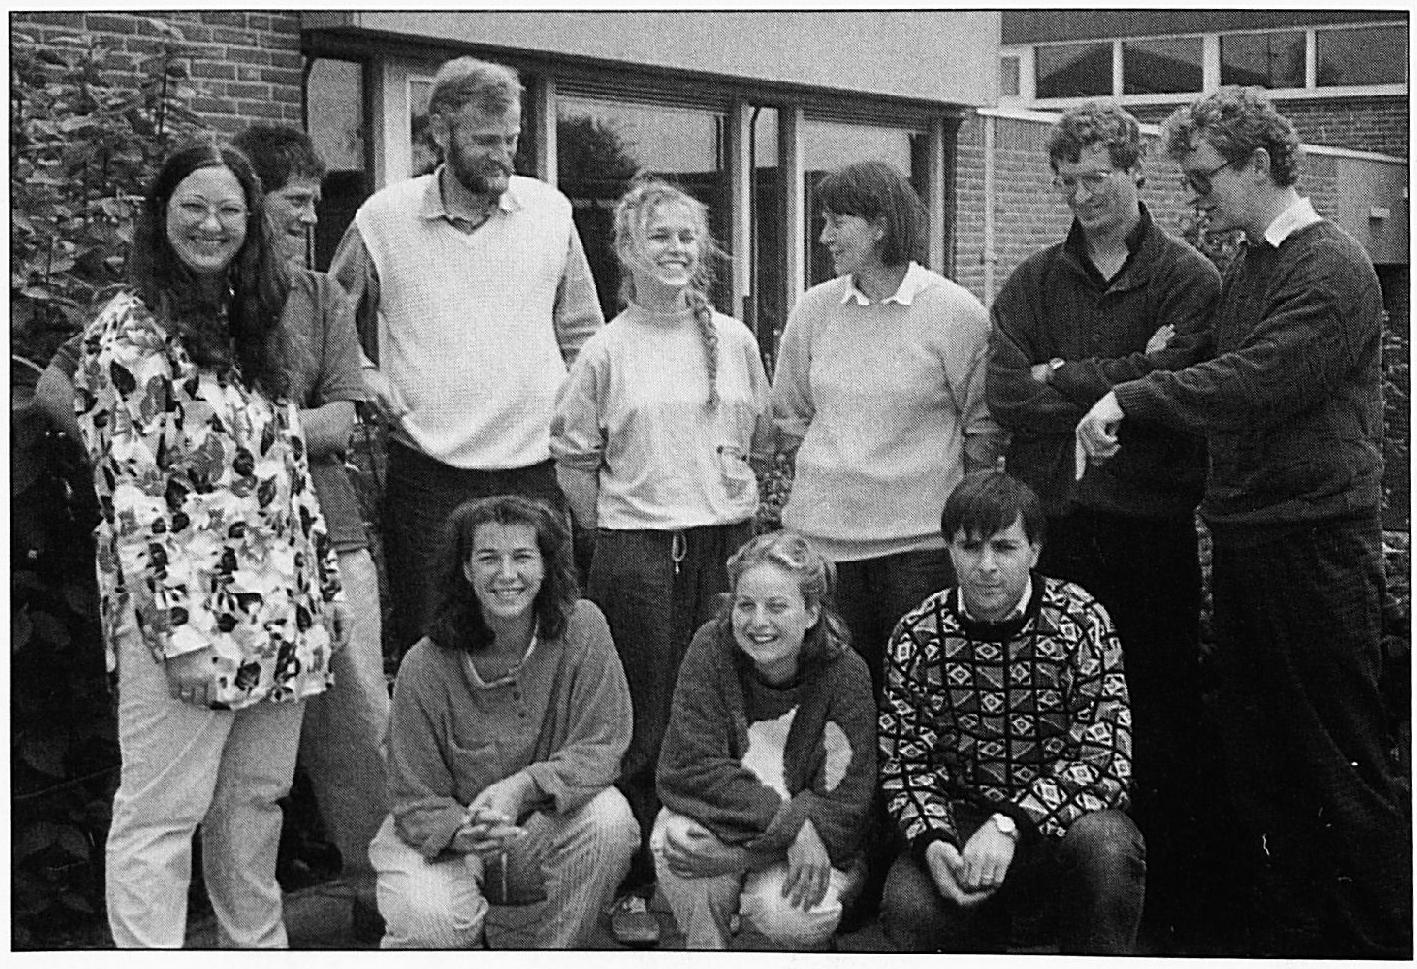 Het team van De Laak in 1988: v.l.n.r. staand: Annie van Ooijen, Tonnie Zeeuwen, Theo de Vries, Henny Lam, Trix de Lorijn, Piet Donkers, Gerard Janssen. Daarvoor: Marie-José de Waard, Monique v.d. Donk en Kees de Haas.